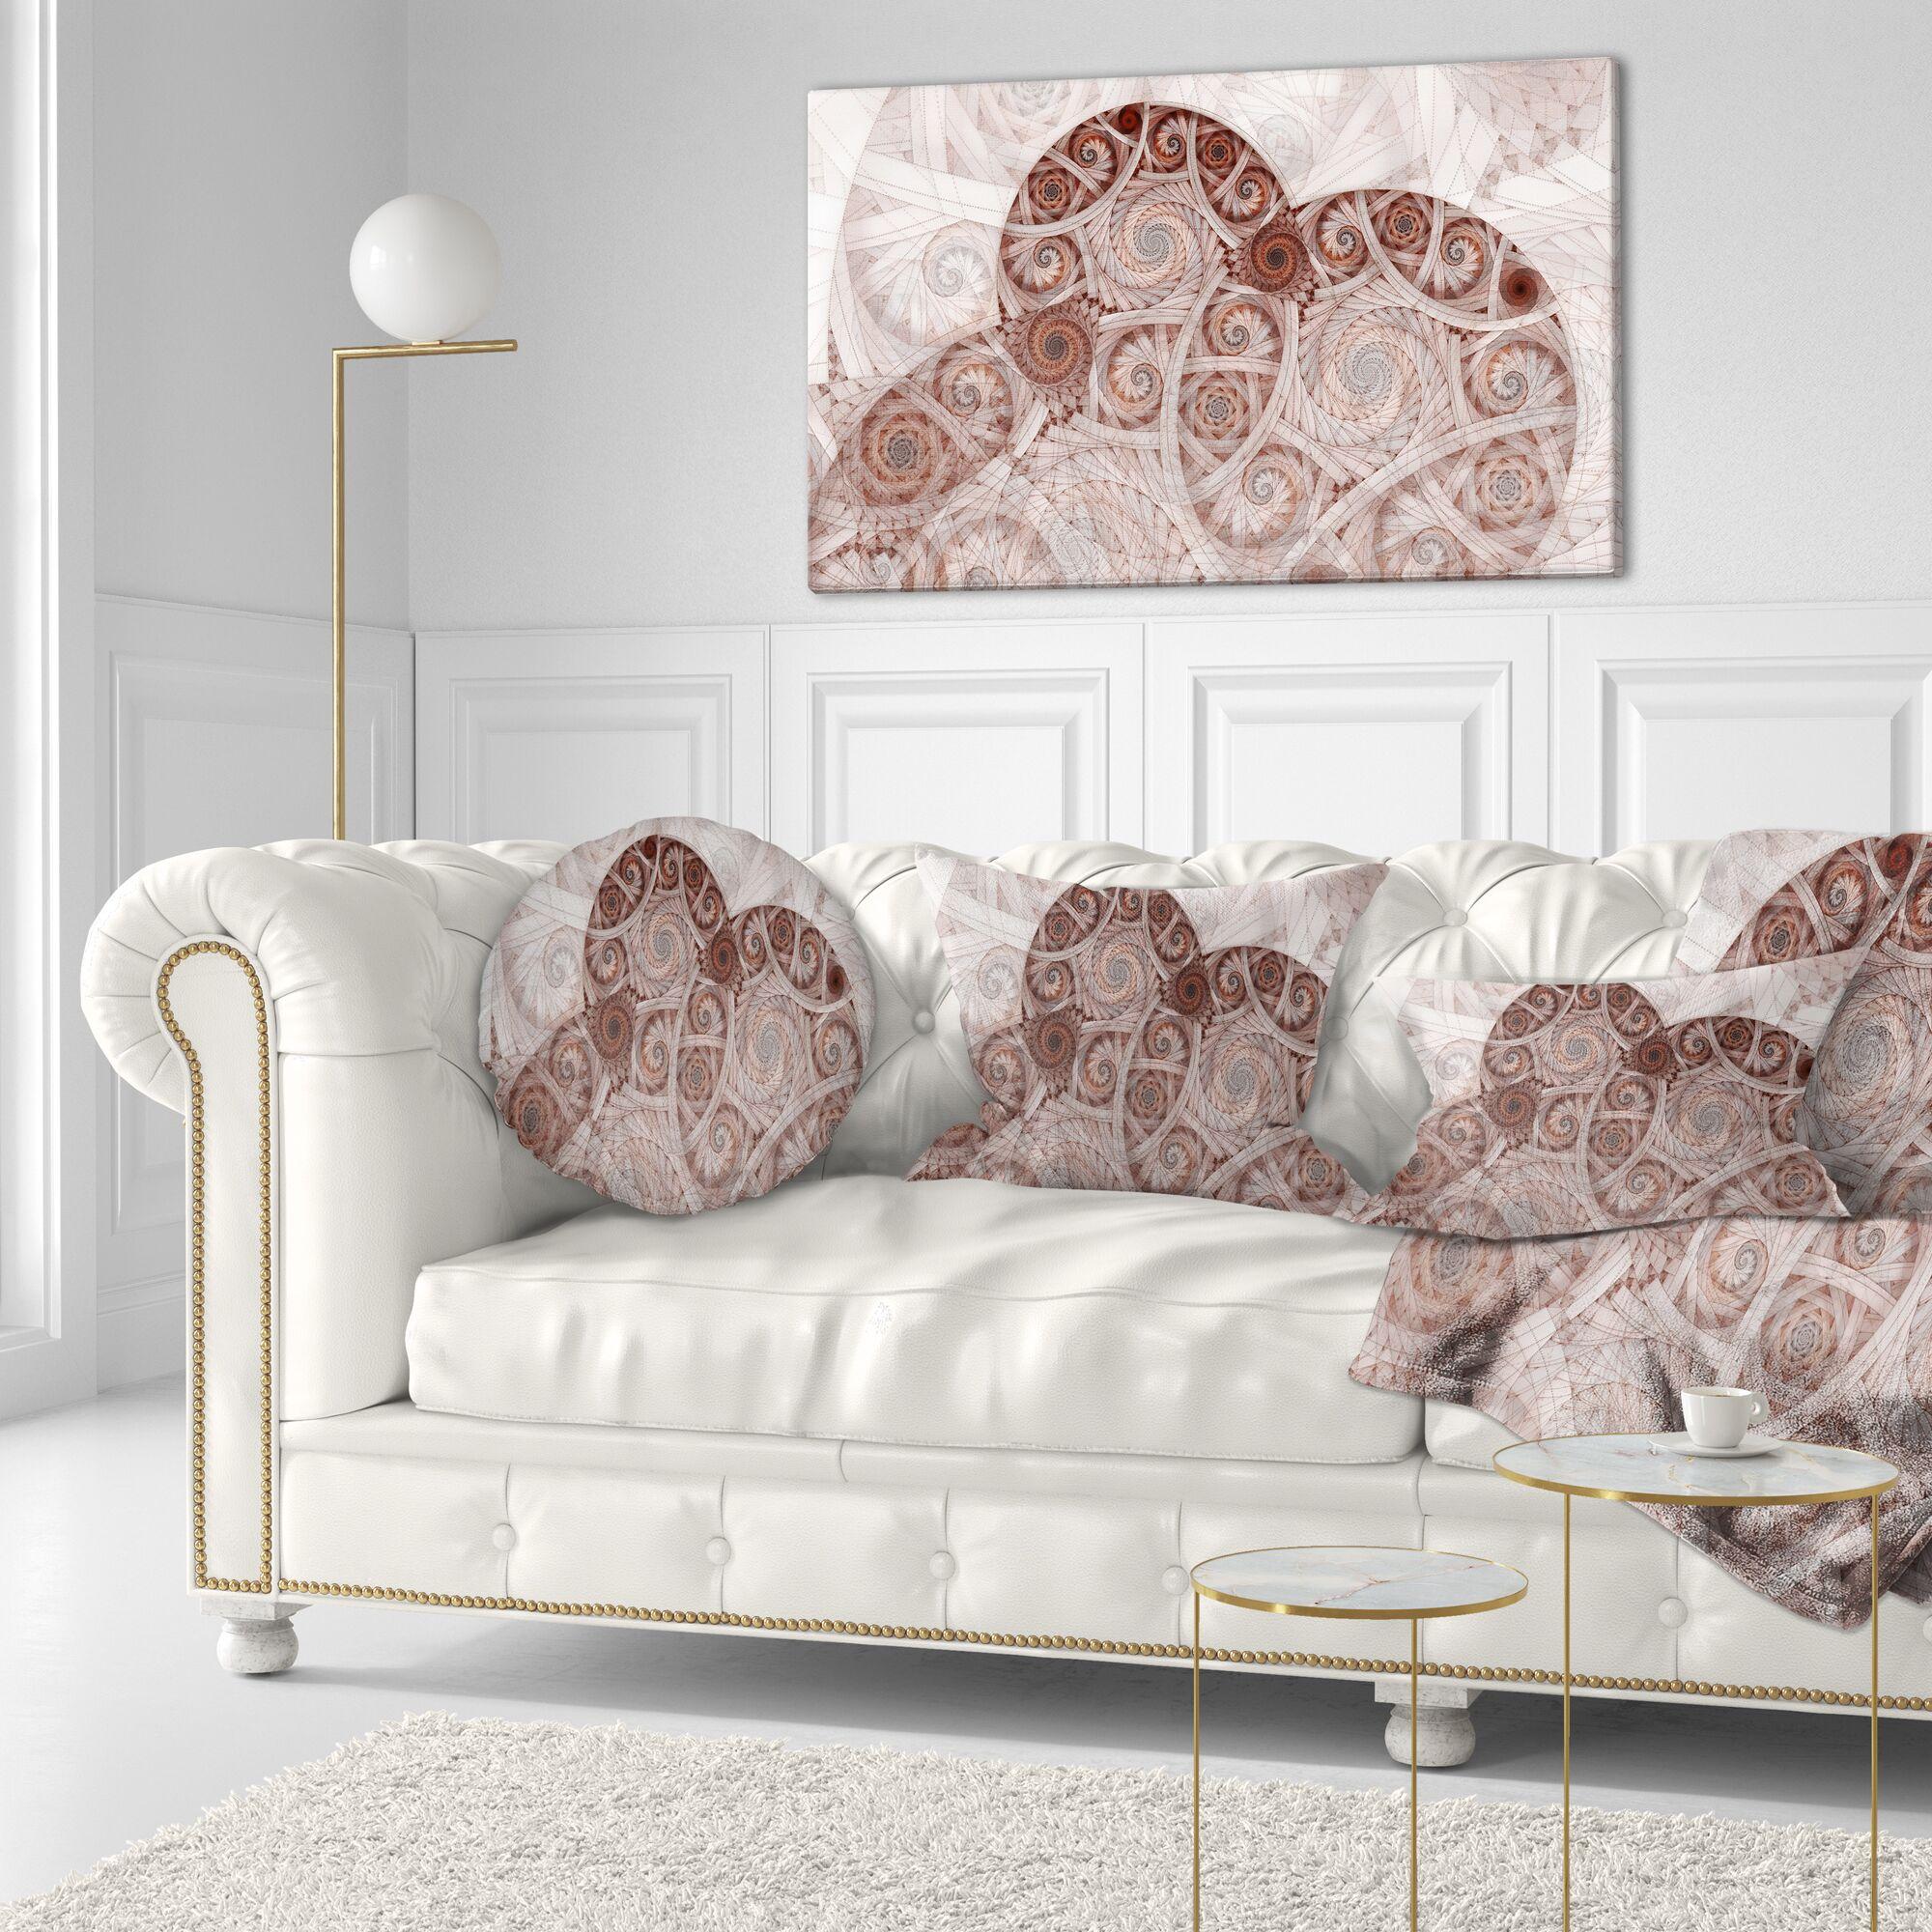 Floral Symmetrical Fractal Flower Spiral Lumbar Pillow